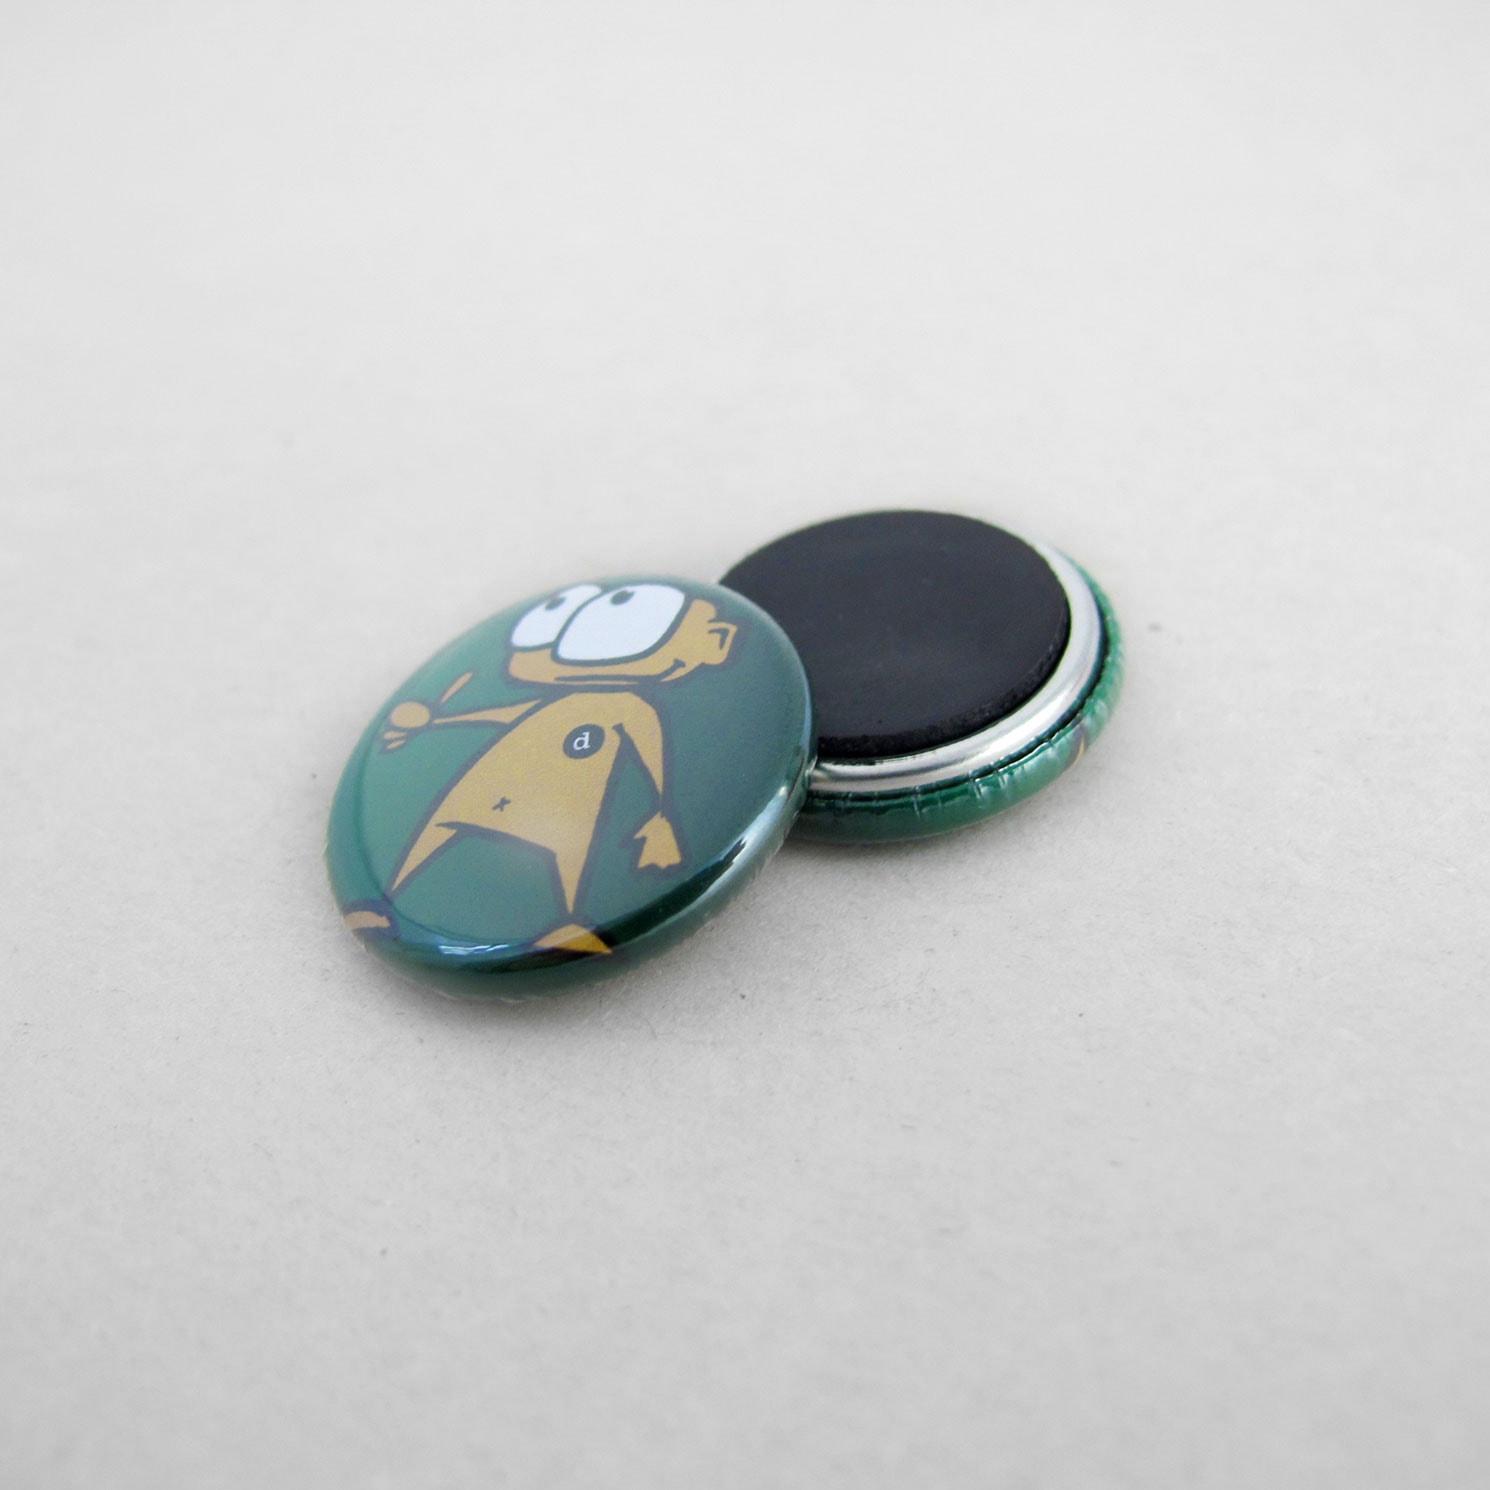 25mm Button mit Magnet 3